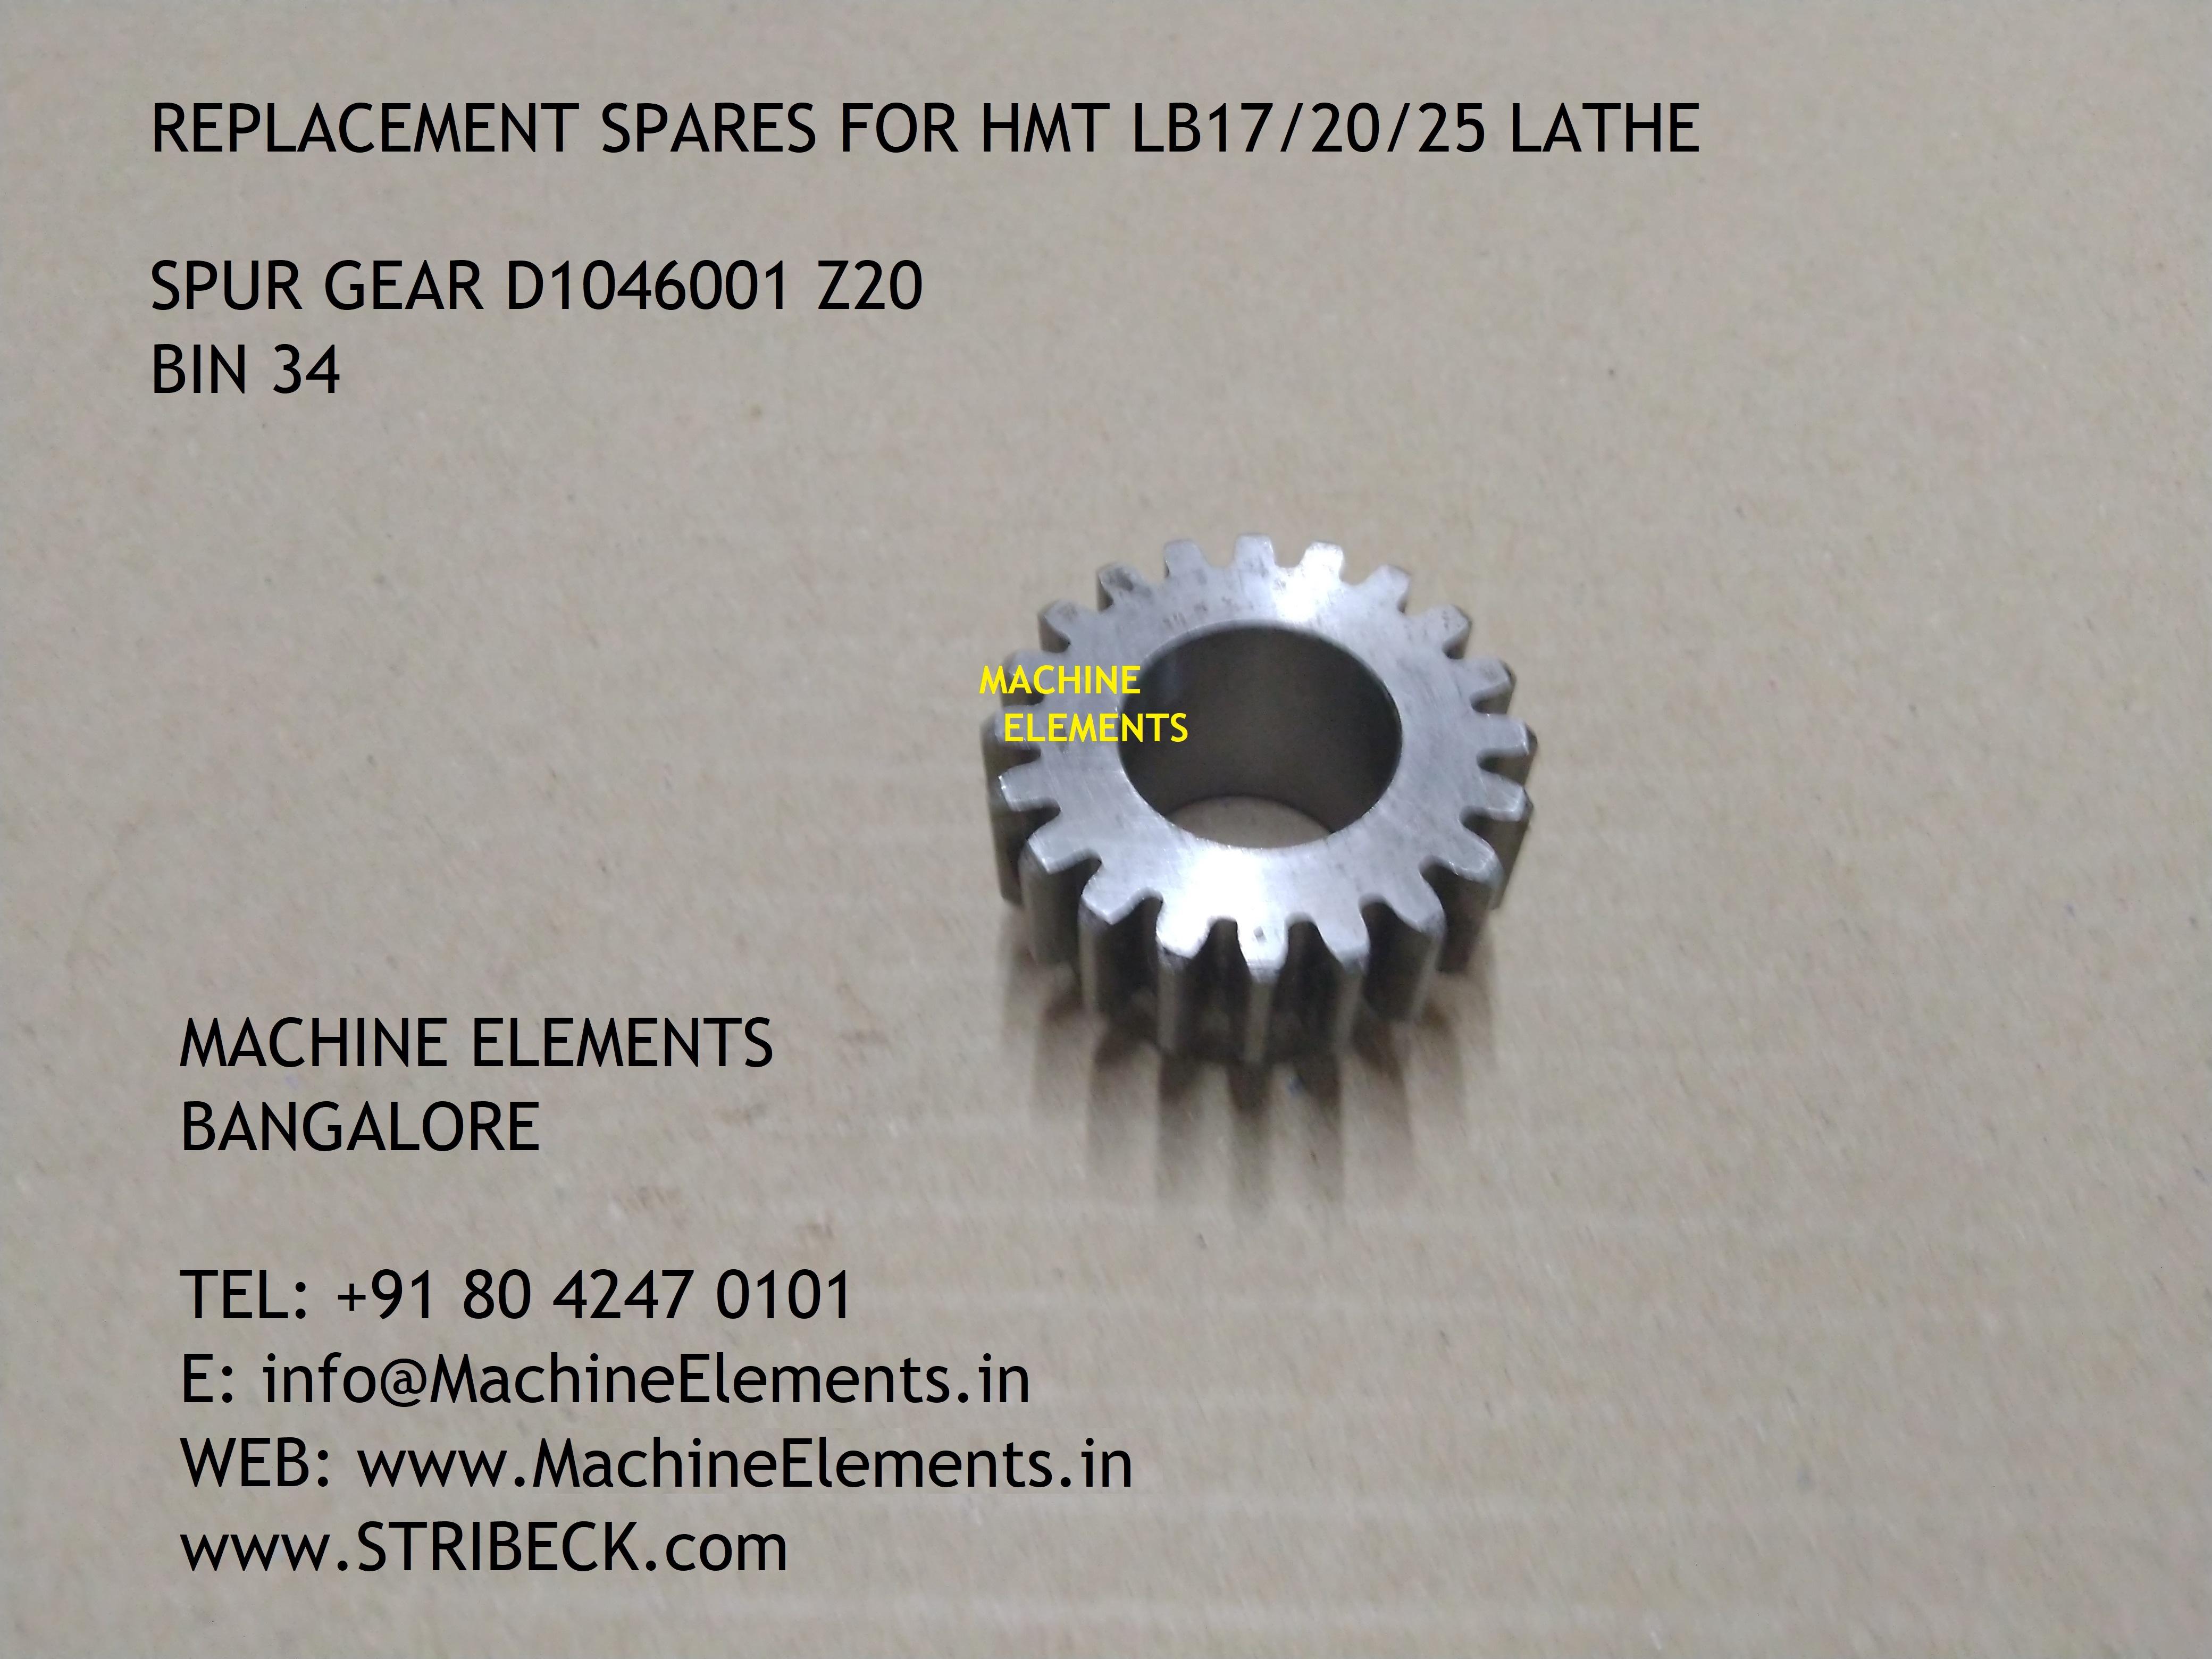 SPUR GEAR D1046001 Z20 BIN 34